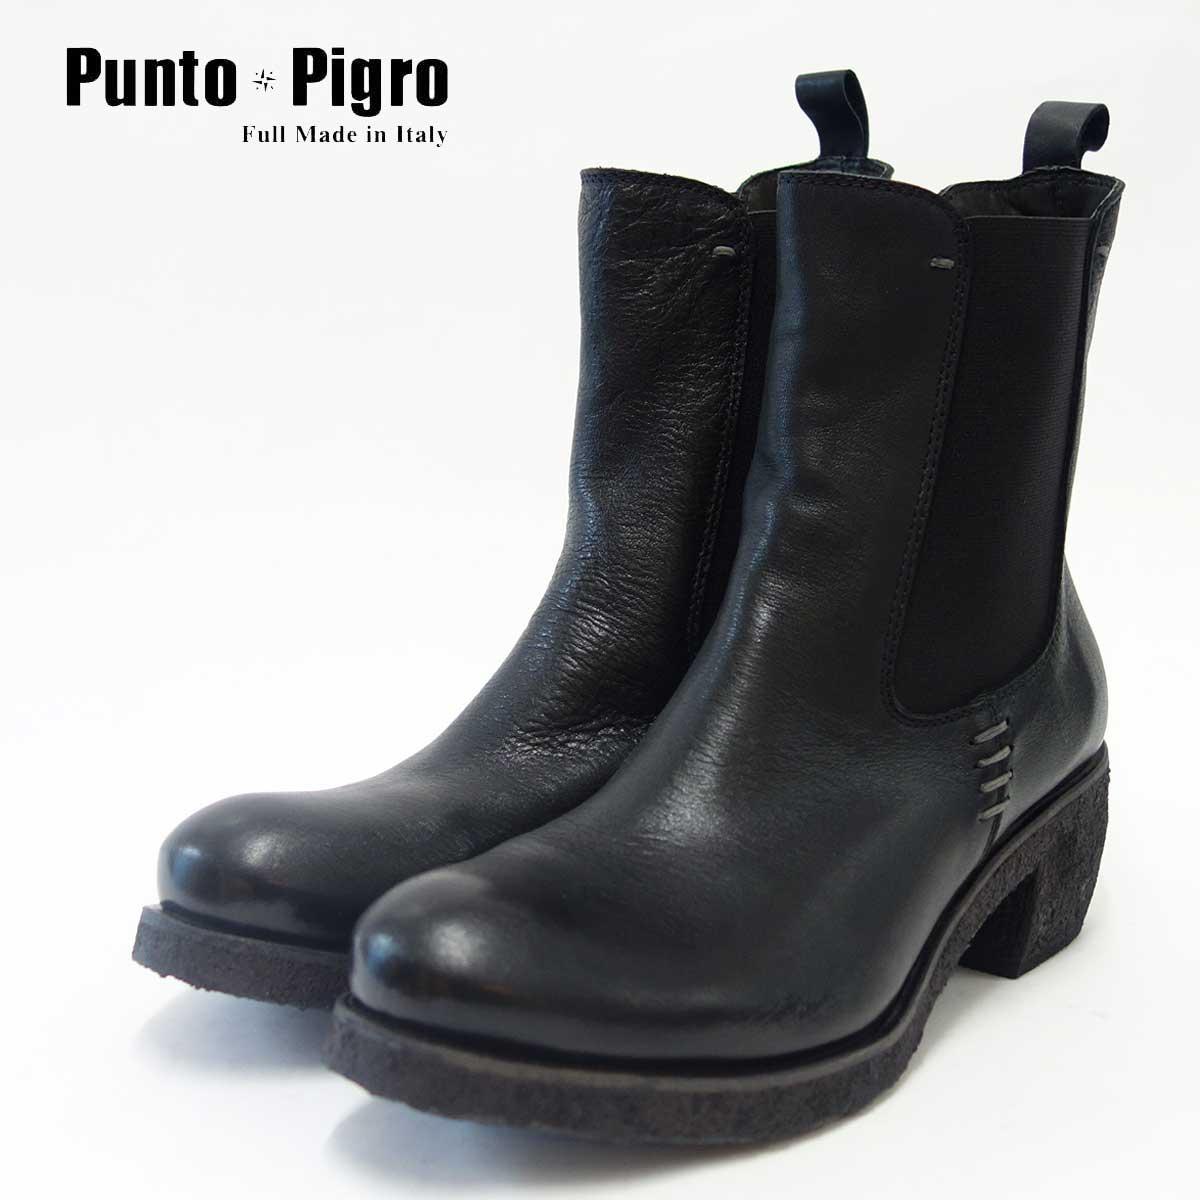 イタリア製サイドゴアブーツPunto Pigro プントピグロTEXAS 21 ブラック「靴」